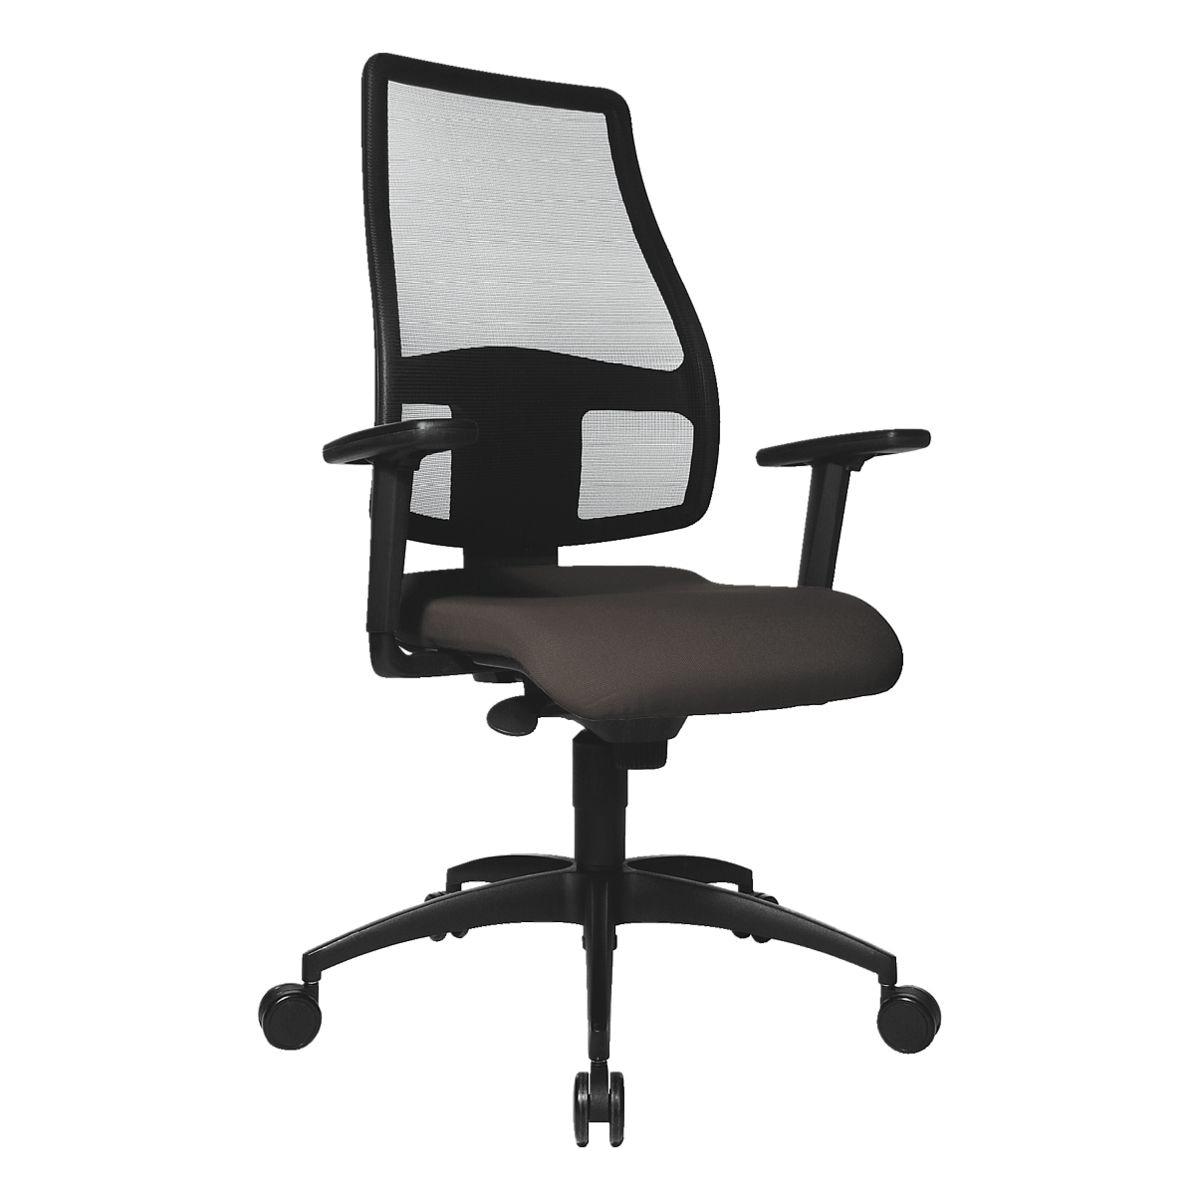 b rostuhl topstar syncro net ohne armlehnen fu kreuz schwarz bei otto office g nstig kaufen. Black Bedroom Furniture Sets. Home Design Ideas